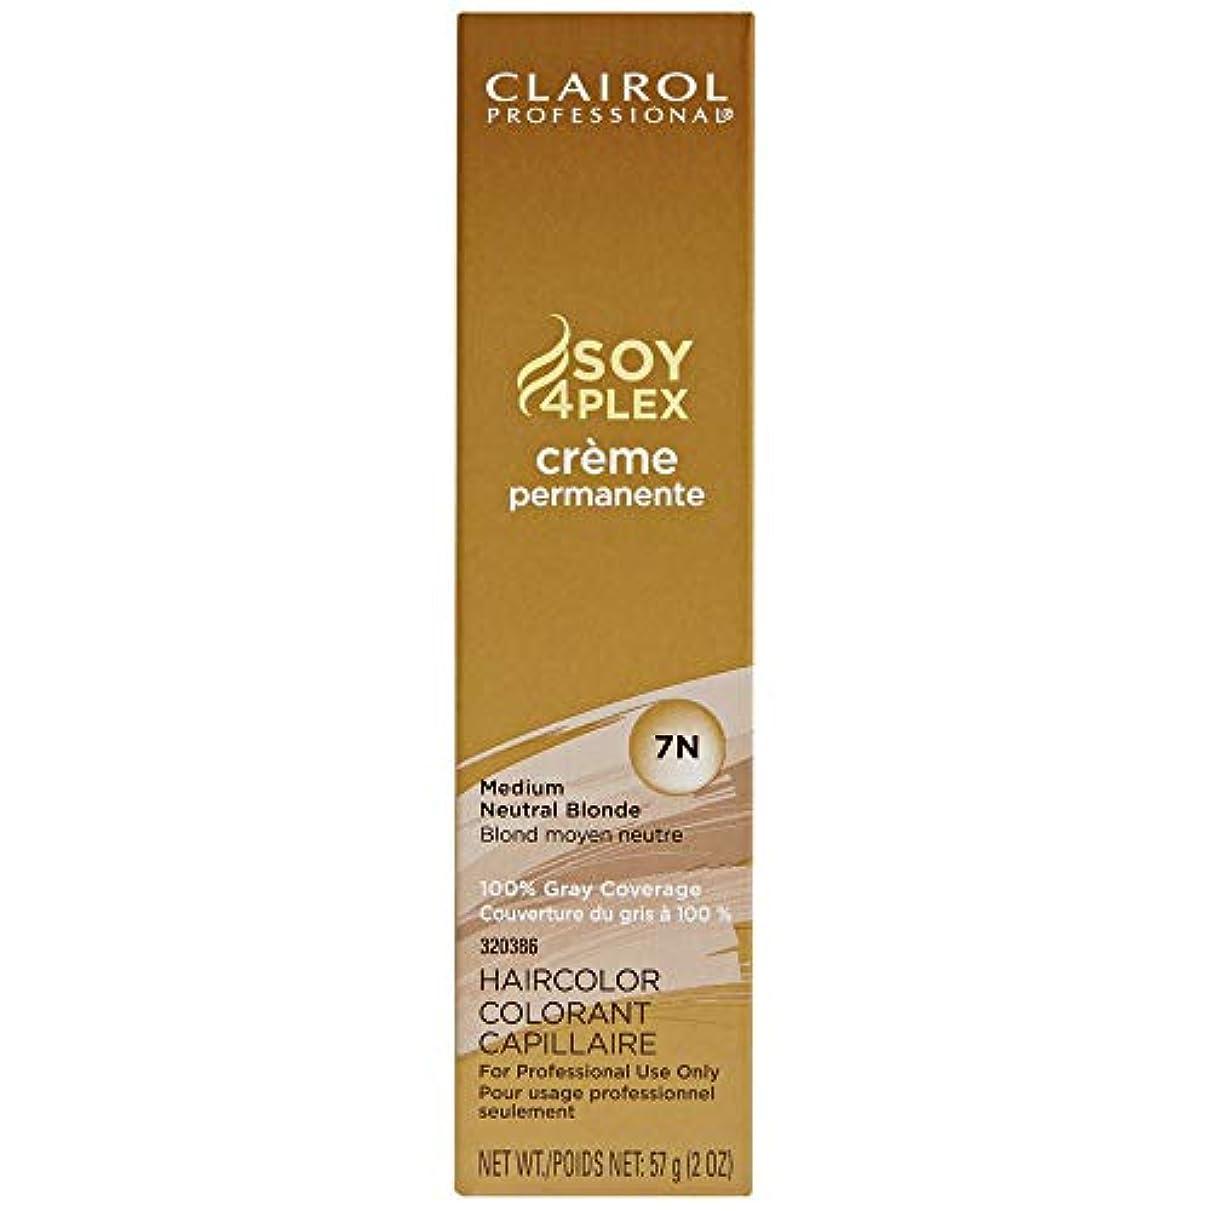 振り向くモーター熱帯のClairol Professional - SOY4Plex - Creme Permanente - Medium Neutral Blonde 7N - 2 oz / 57g